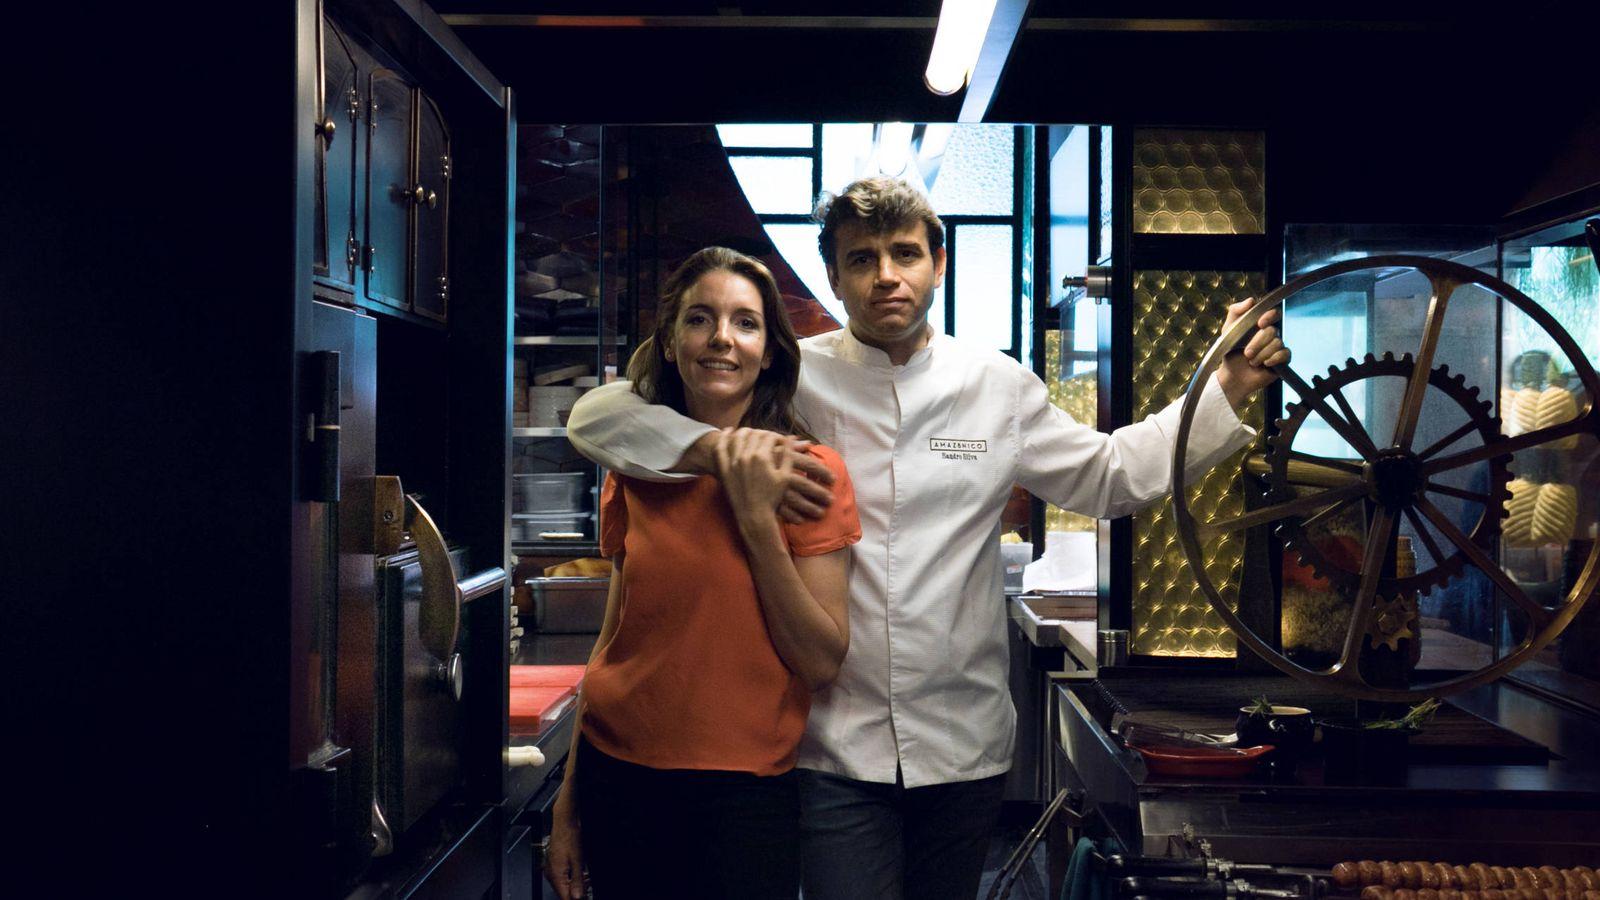 Foto:  Sandro Silva y Marta Seco, los dueños de los restaurantes El Paraguas, Ten con Ten, Ultramarinos Quintín y Amazónico. (EC)